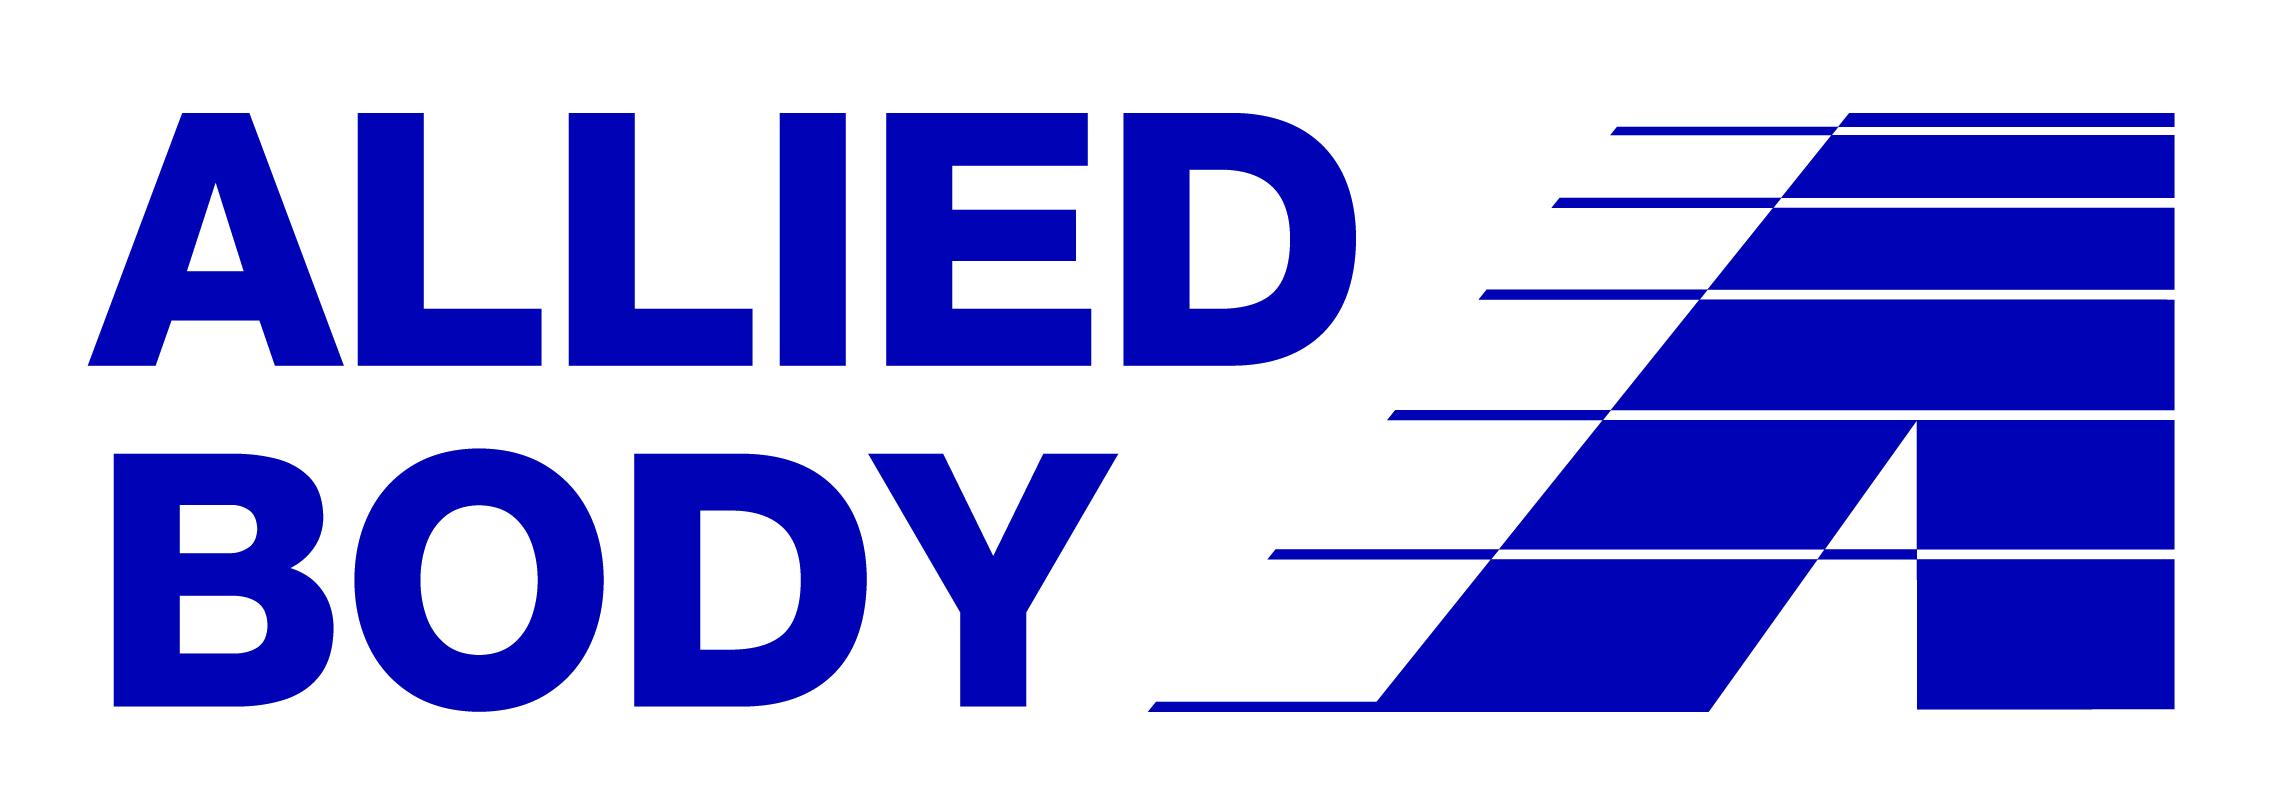 Allied Body Works, Inc.